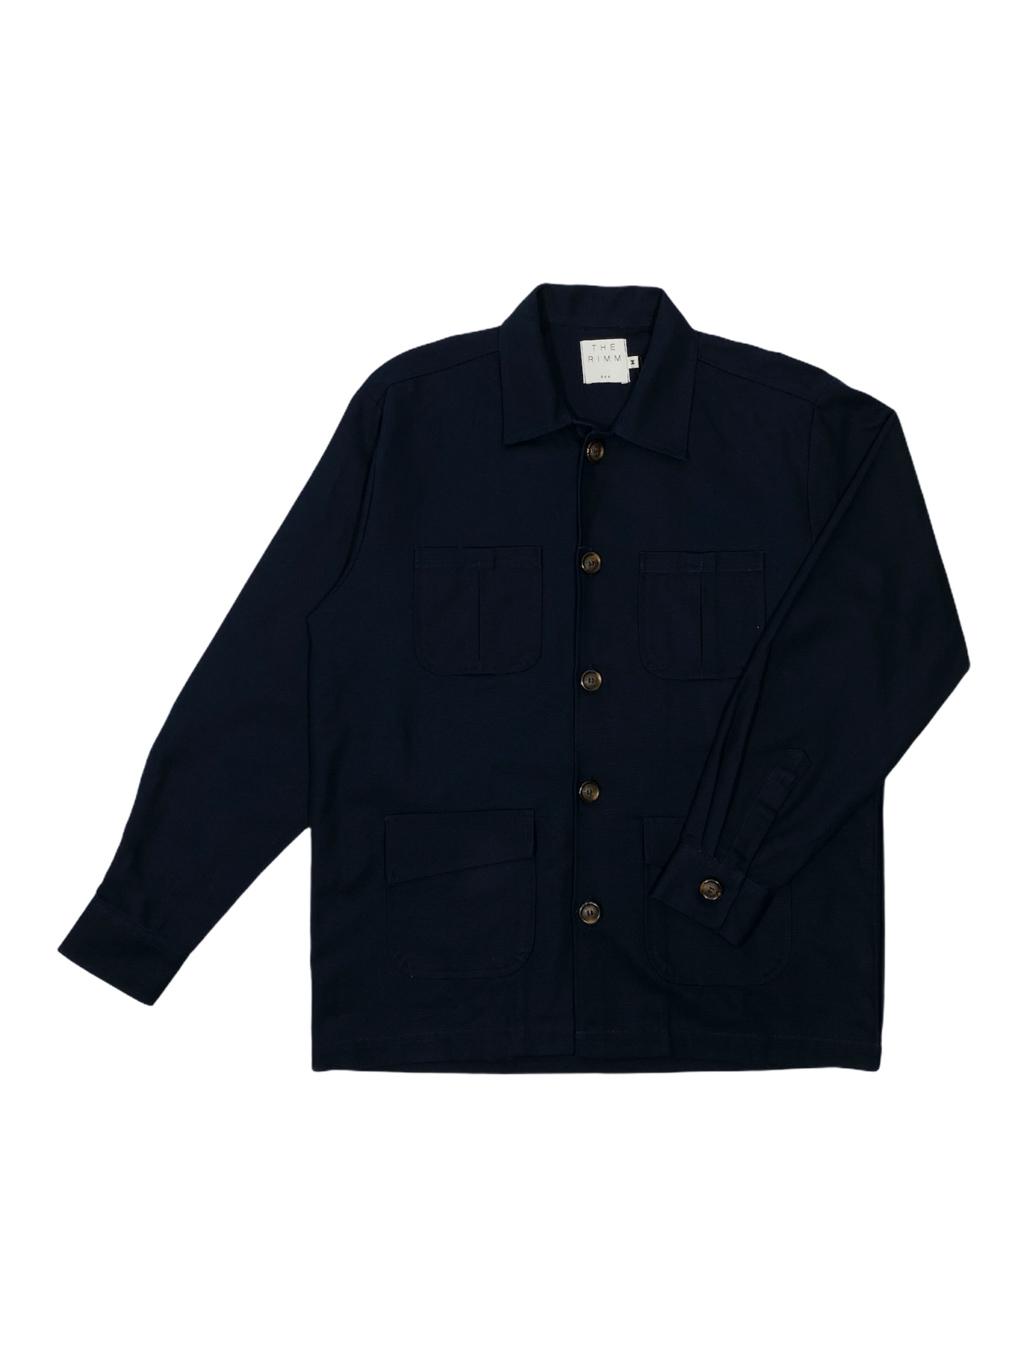 4 Pockets Jackets (Navy)